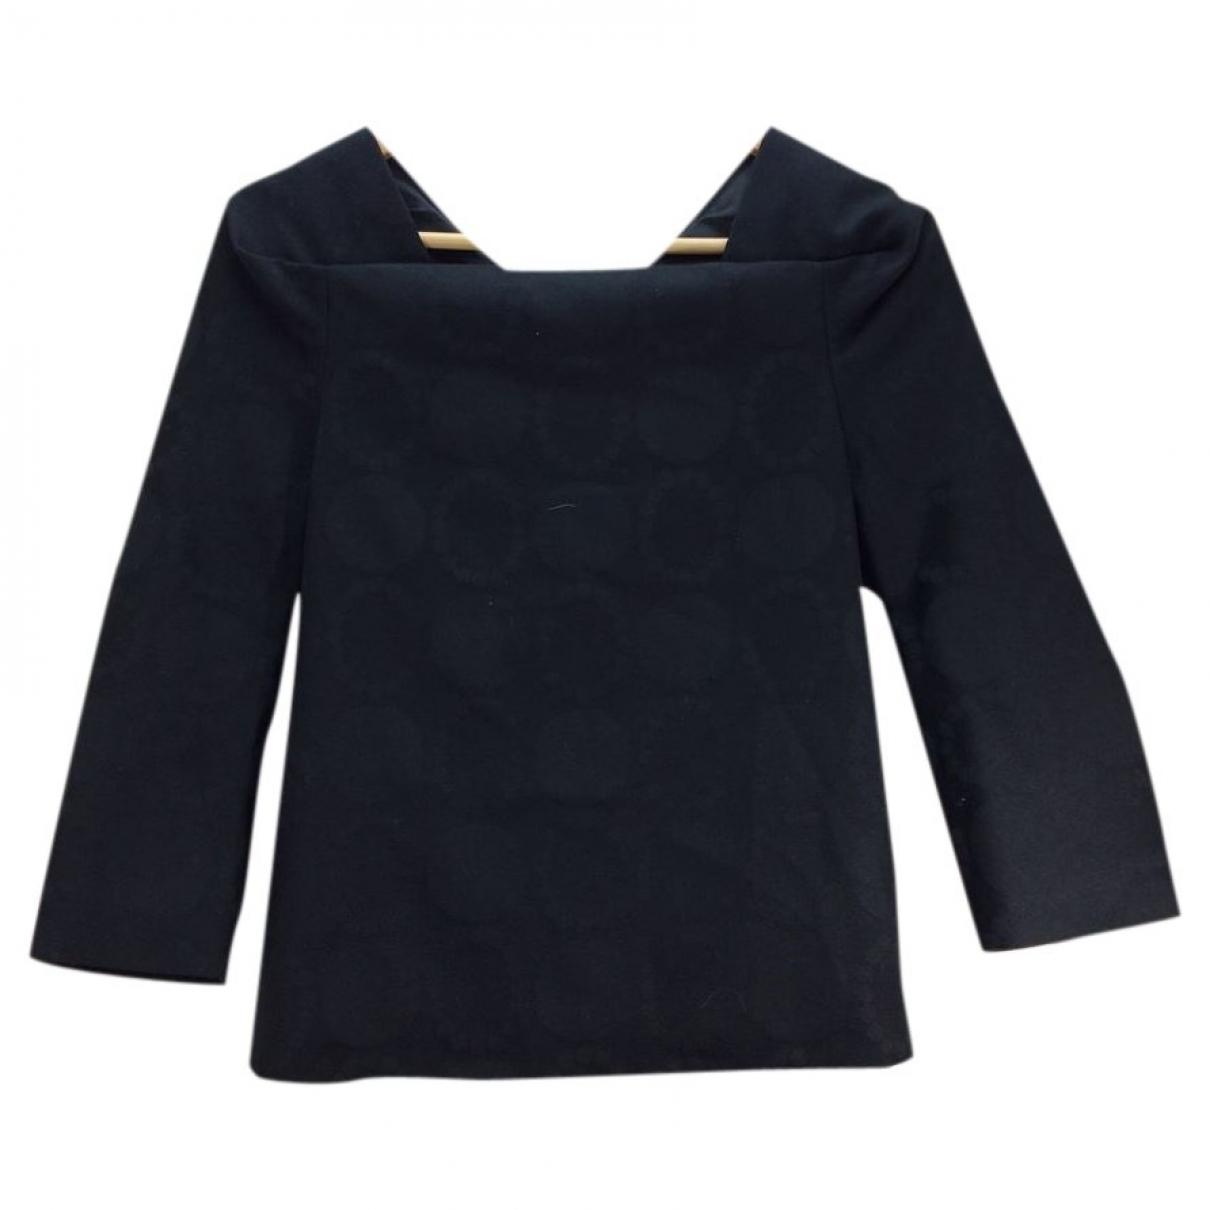 Junya Watanabe \N Top in  Schwarz Wolle